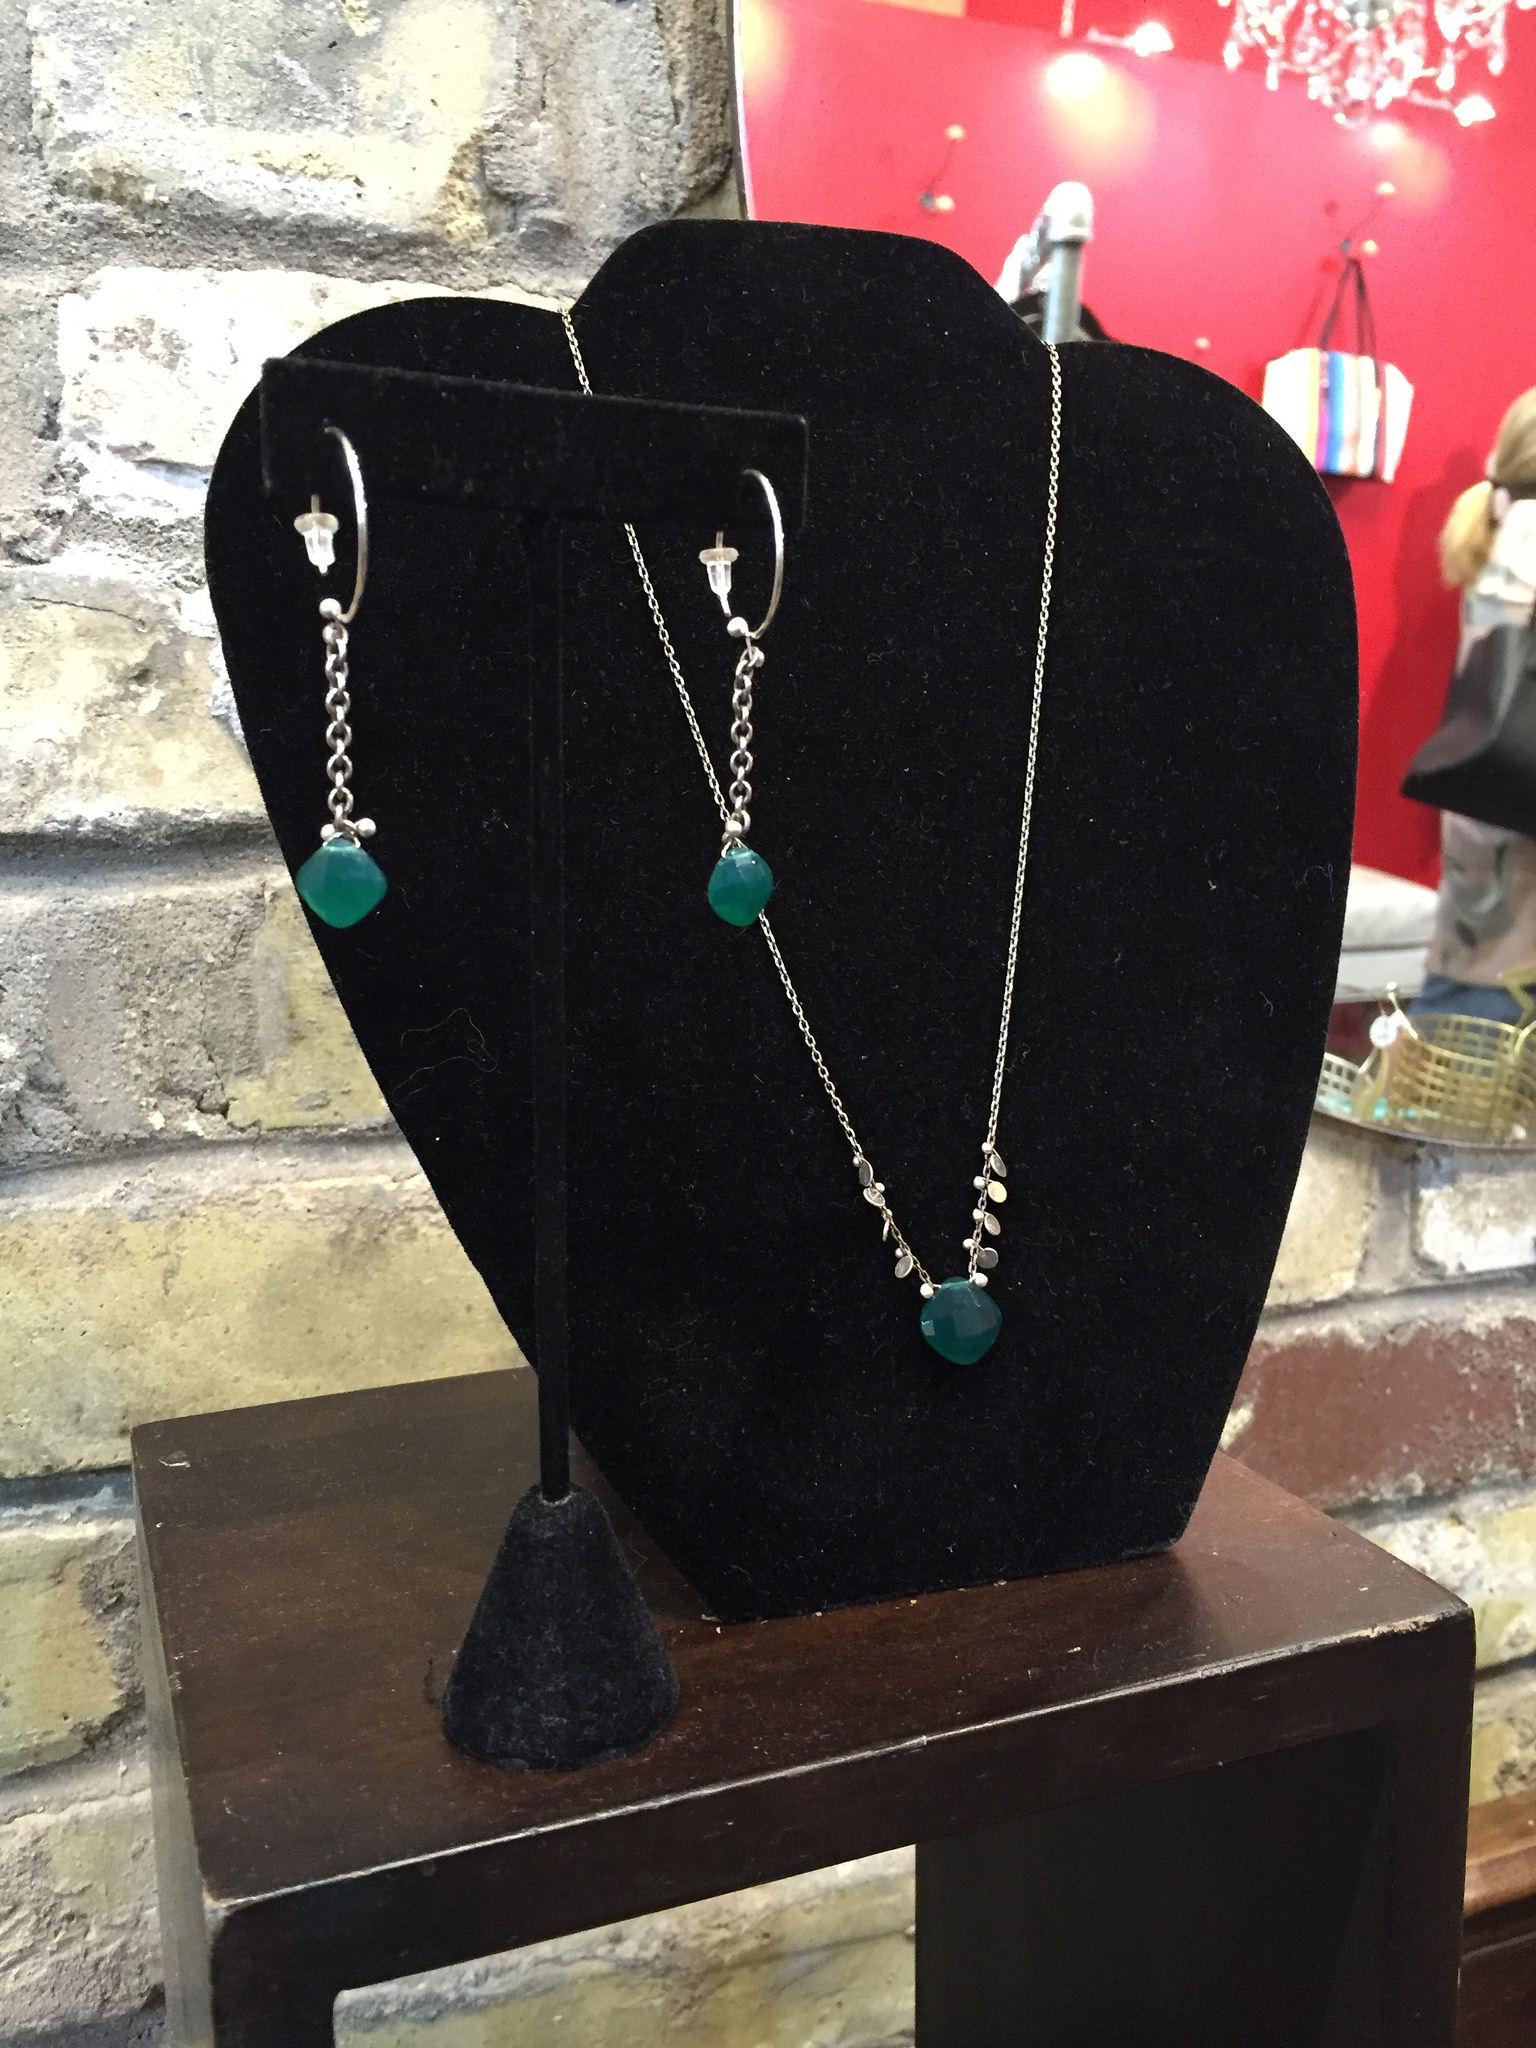 Green onyx necklace, $72; earrings, $48